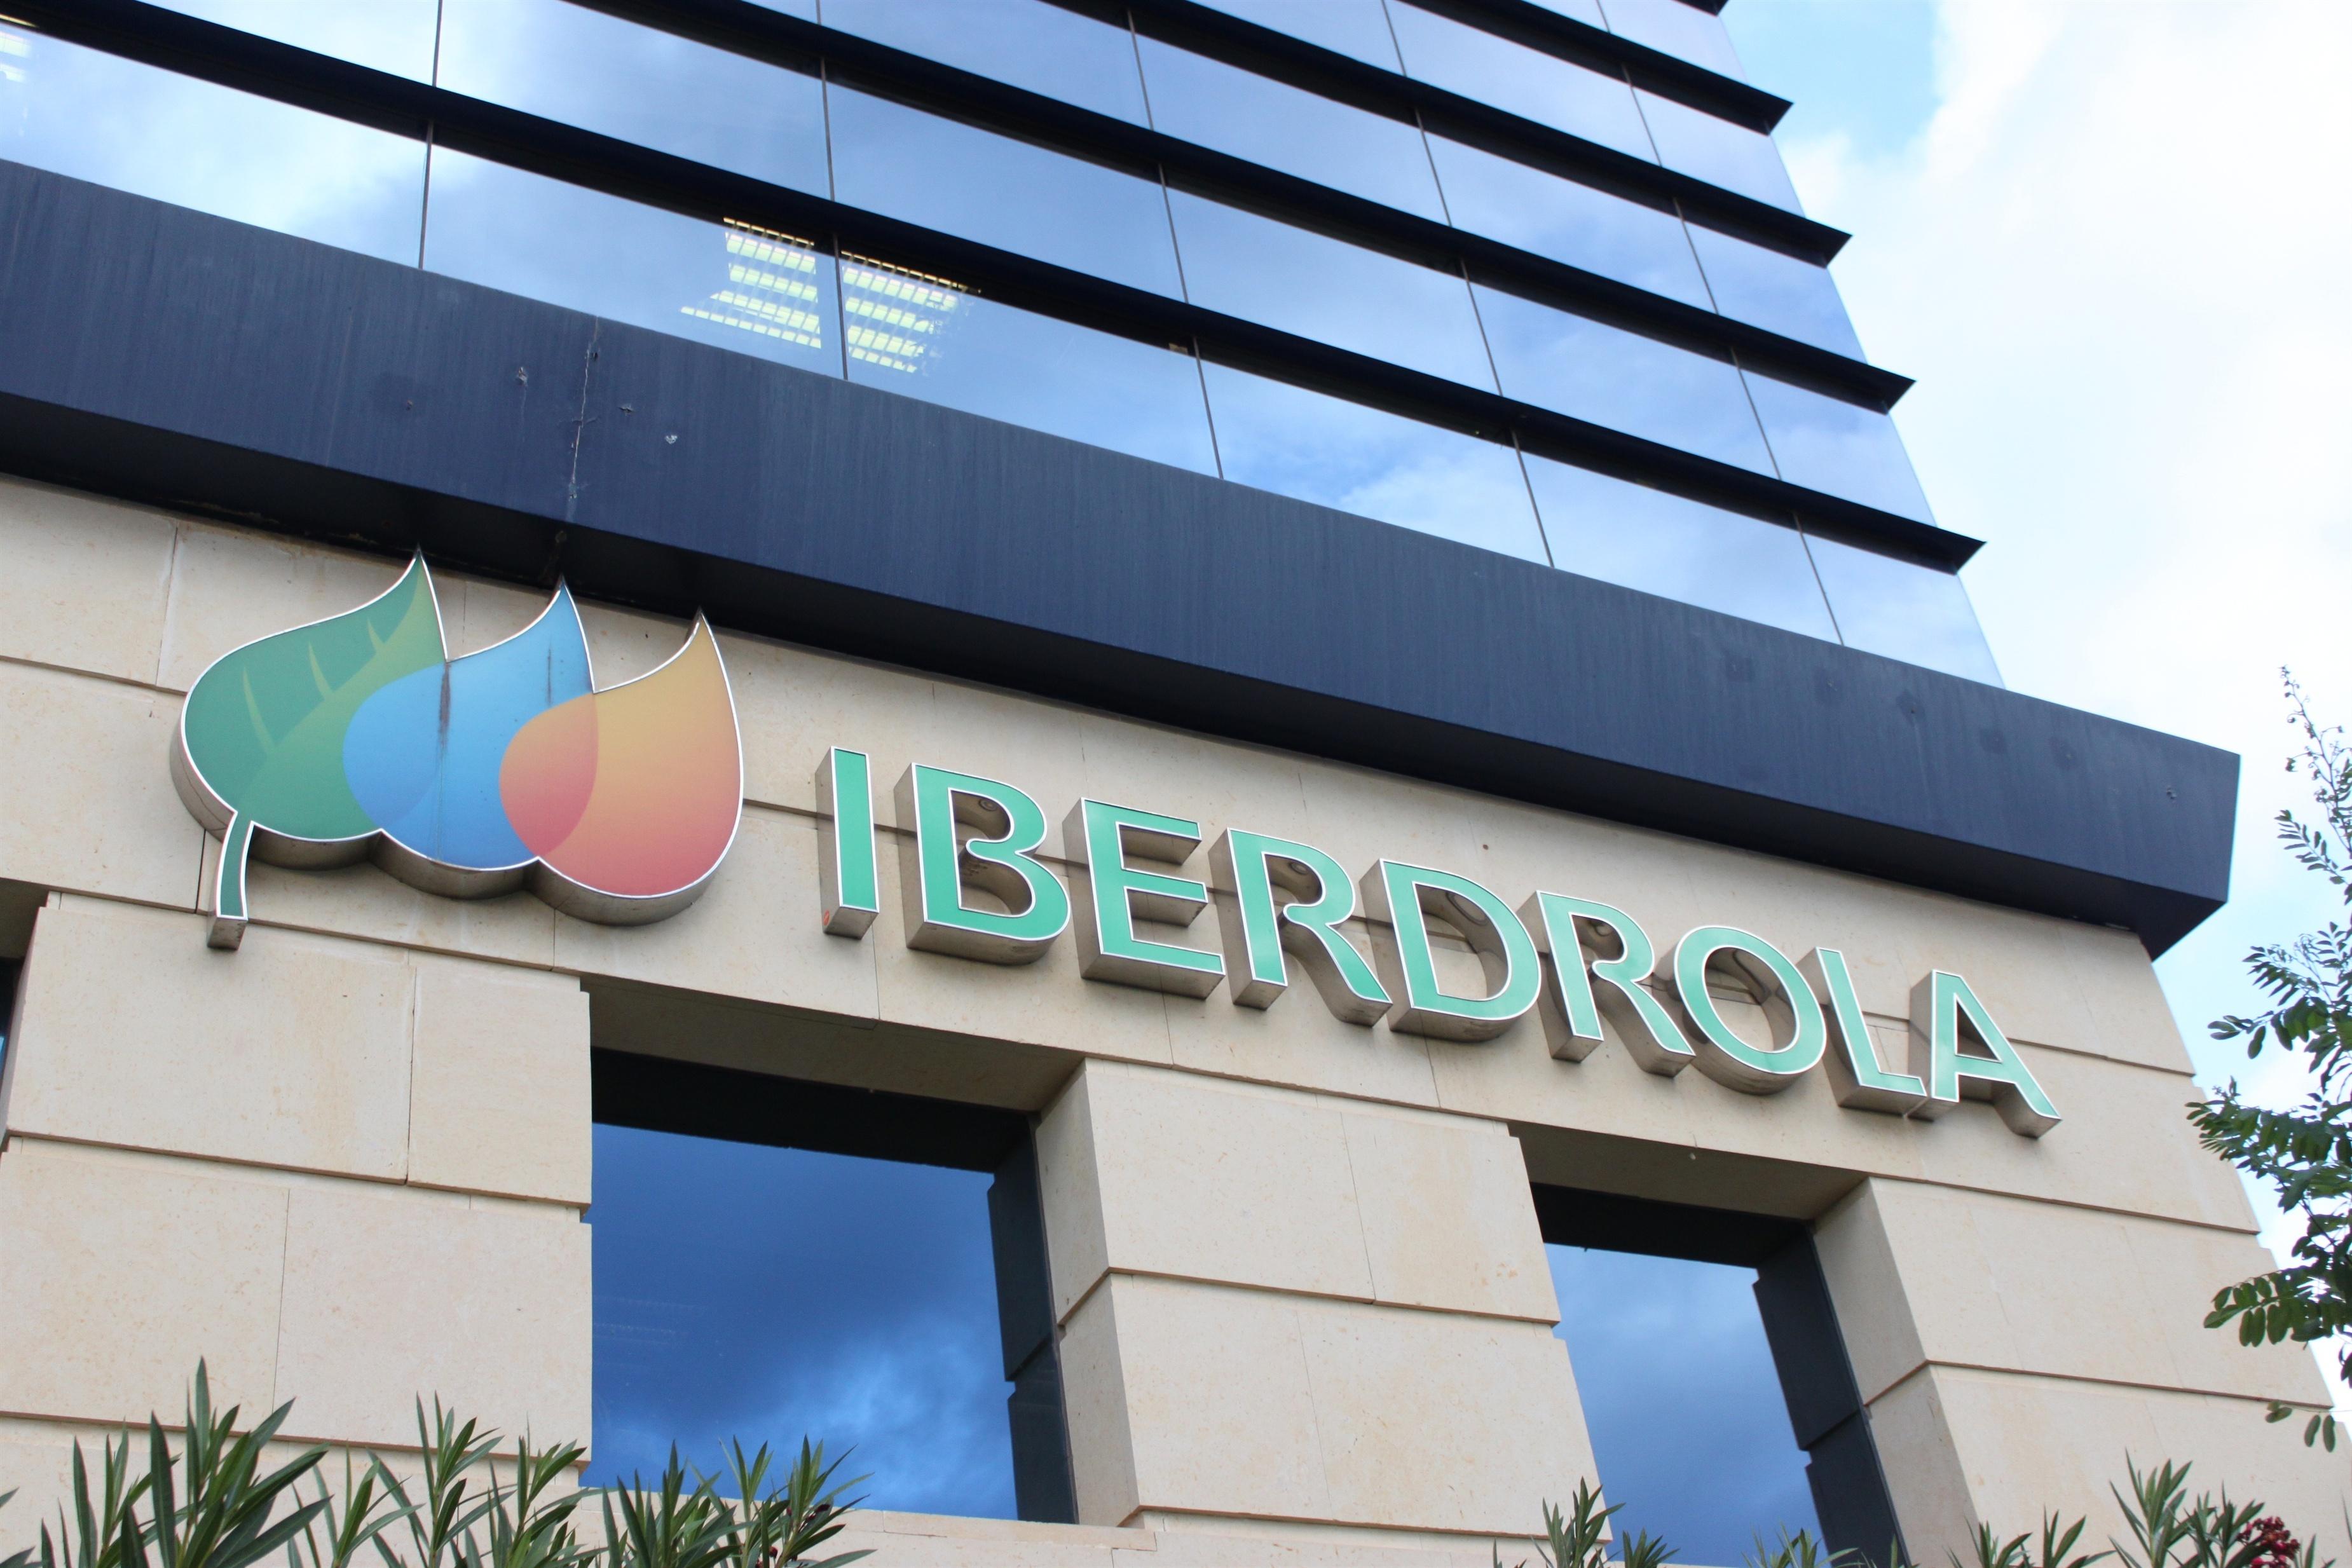 Iberdrola compra 4,7 millones de acciones propias por 19,86 millones